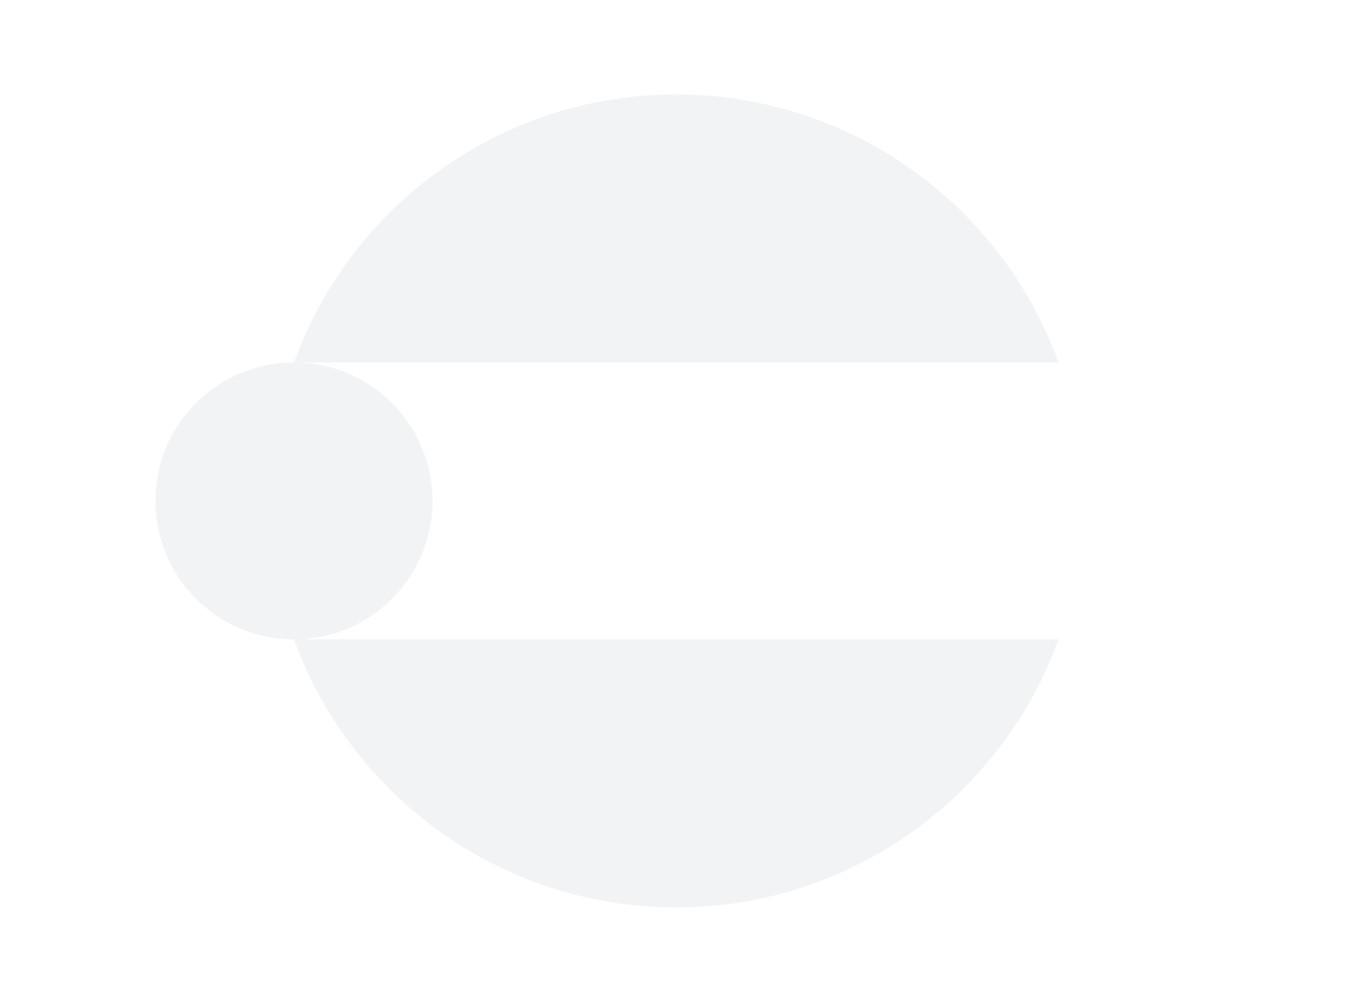 Ekdahl Quad Massager Quadraphonic VCA / Mixer / LFO